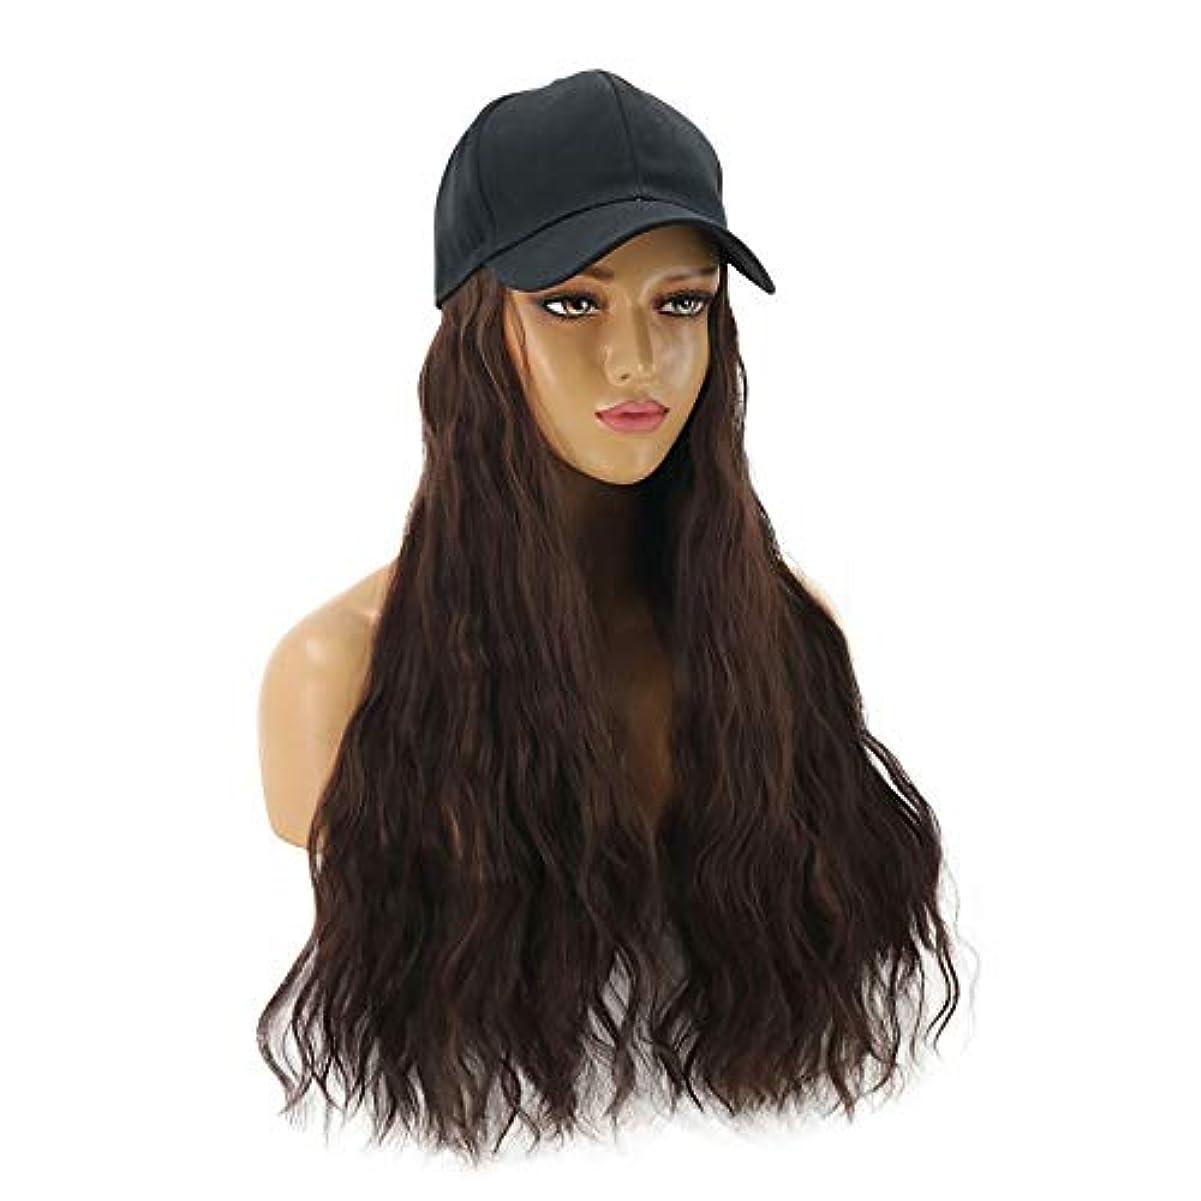 歯スタンド払い戻しHAILAN HOME-かつら ファッションストリート女性かつらハットワンピース帽子ウィッグのトウモロコシホットBenightedブラウン/ブラックワンピース取り外し可能 (色 : Dark brown)